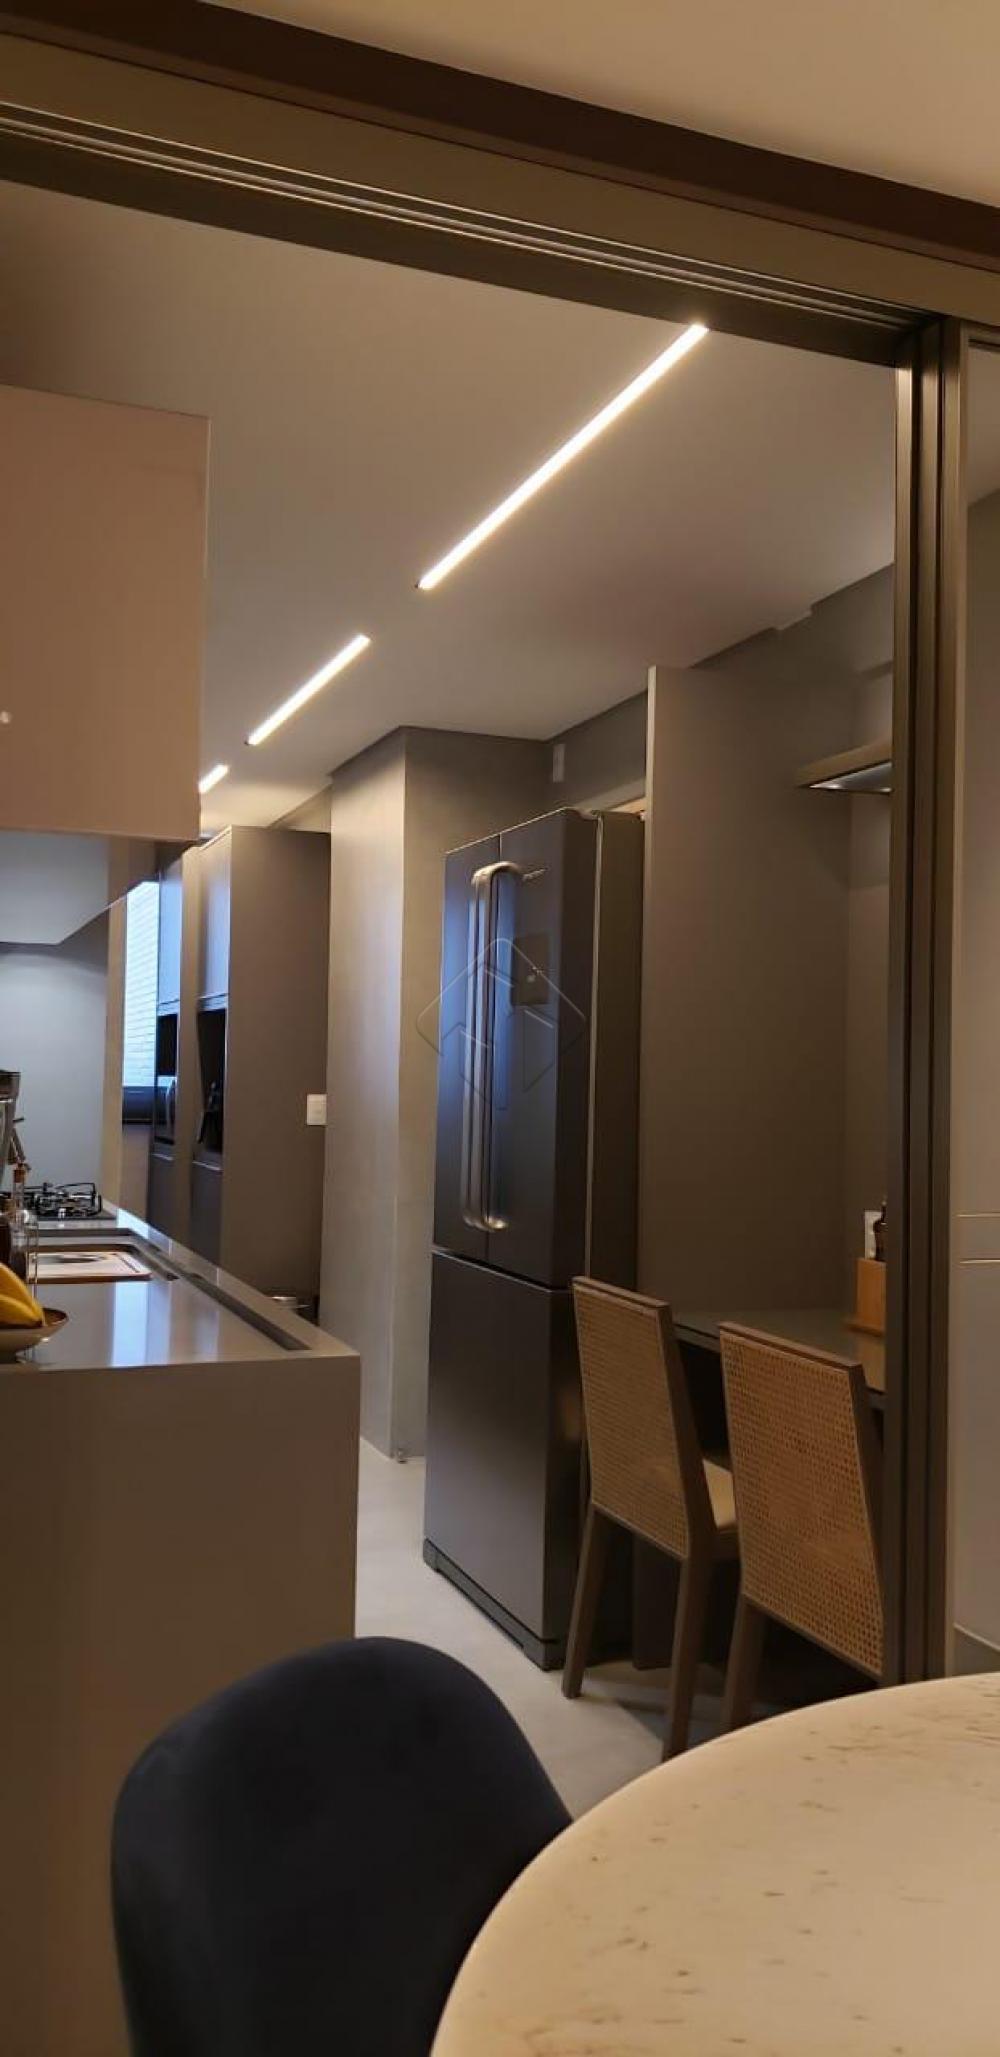 Comprar Apartamento / Padrão em João Pessoa apenas R$ 880.000,00 - Foto 11